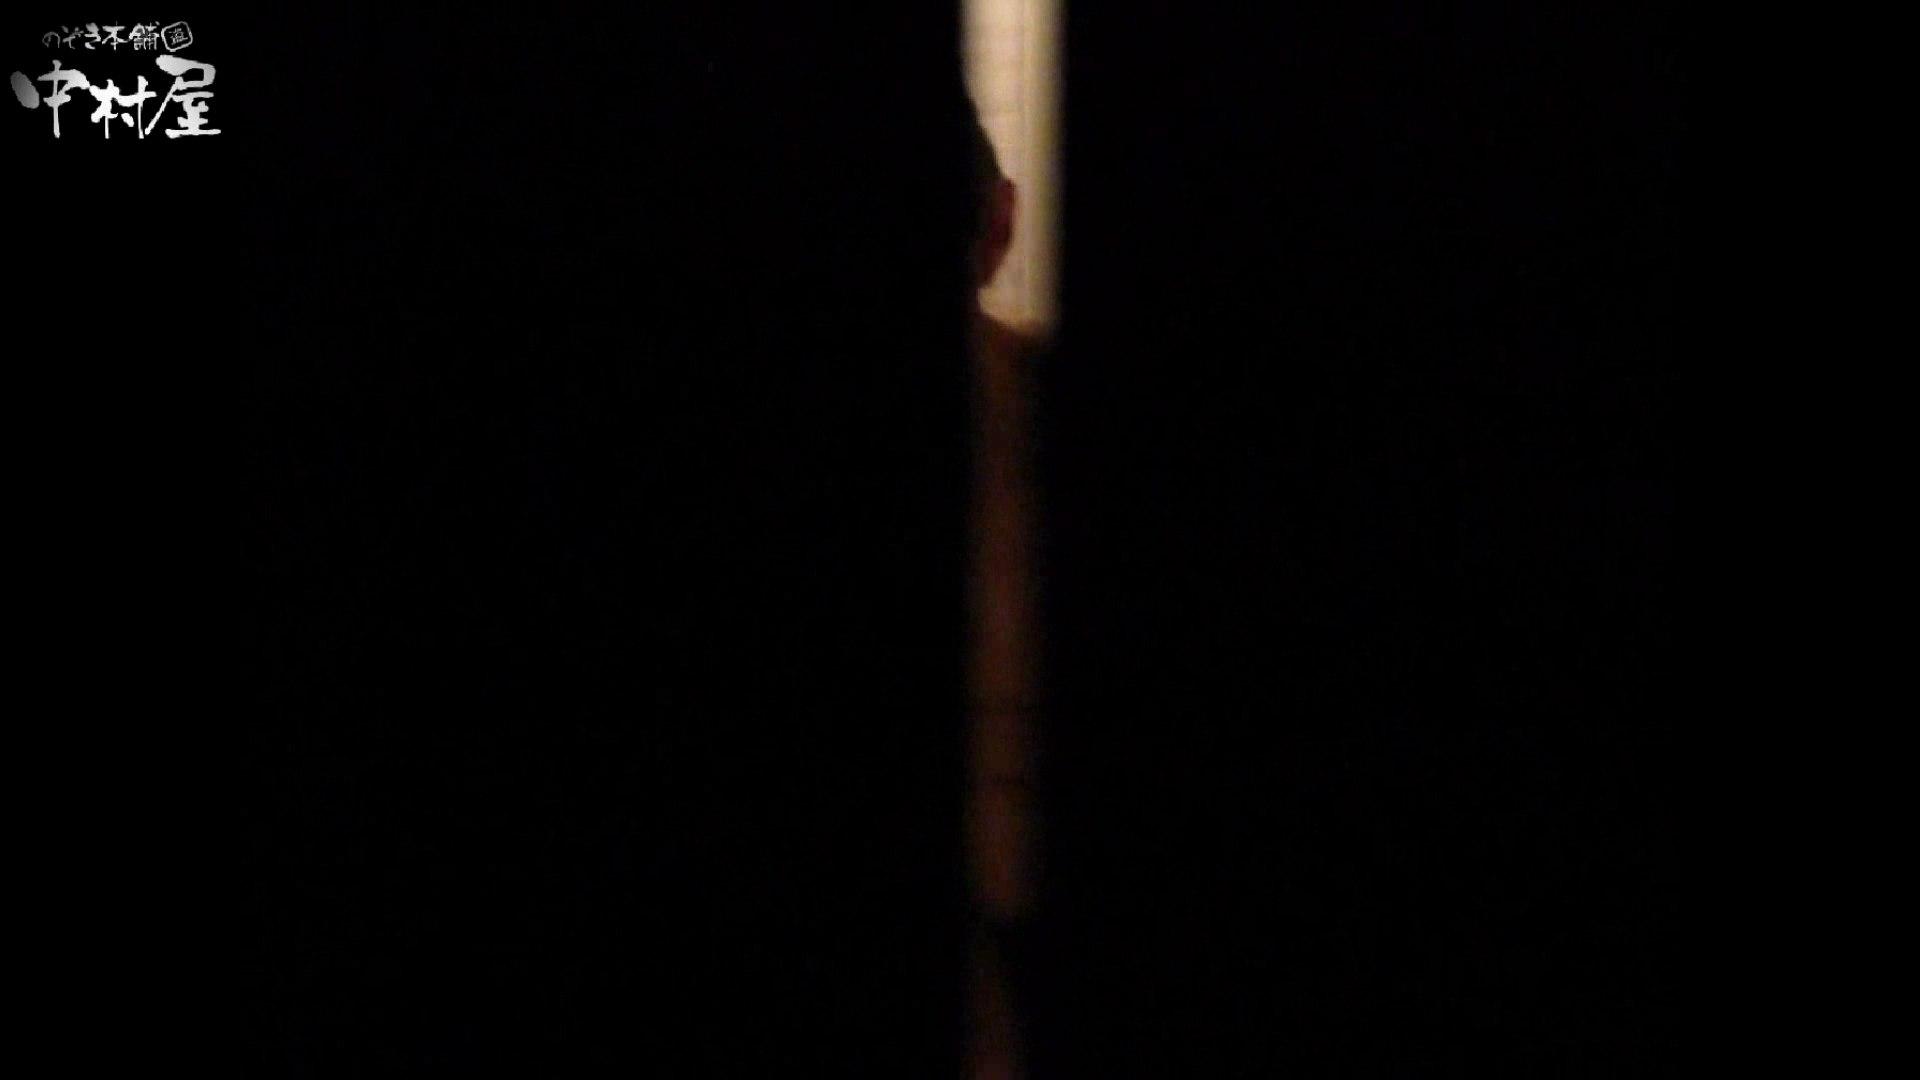 民家風呂専門盗撮師の超危険映像 vol.004 民家   美少女ヌード  80pic 22